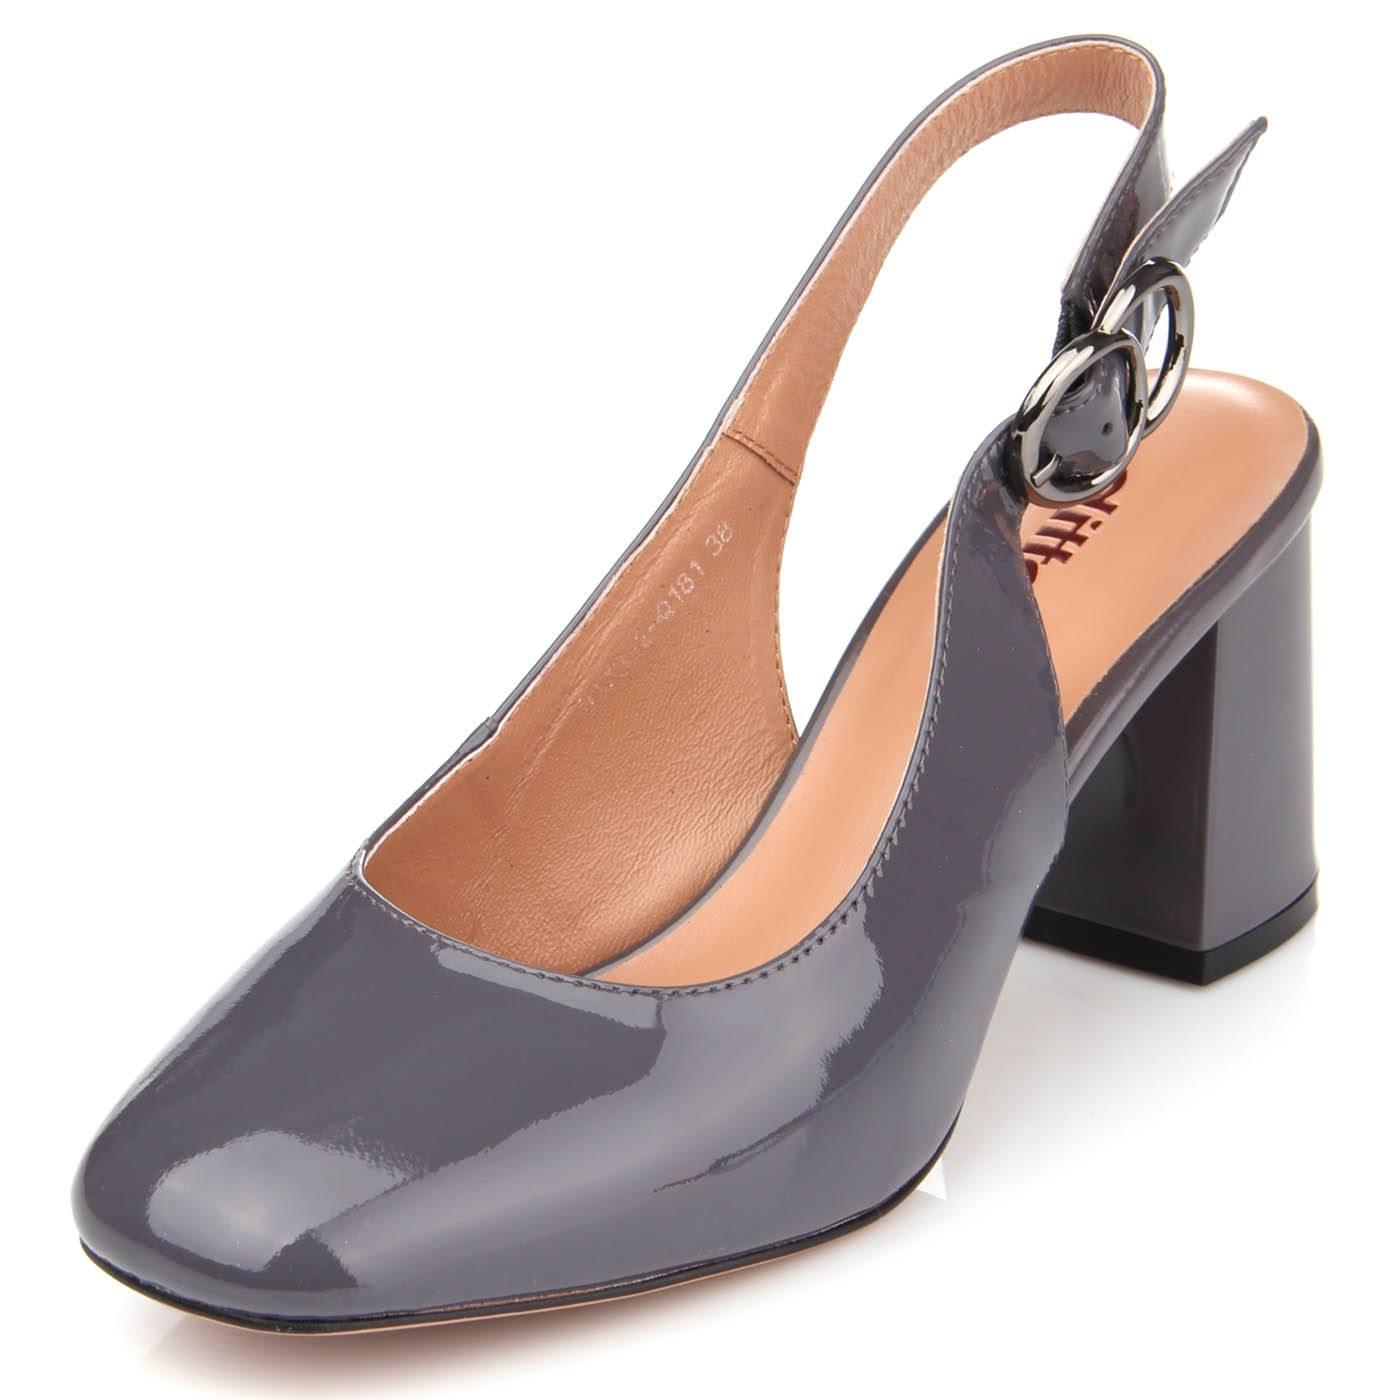 Туфлі жіночі ditto 6454 Сірий купить по выгодной цене в интернет ... 348a3f6ec5667